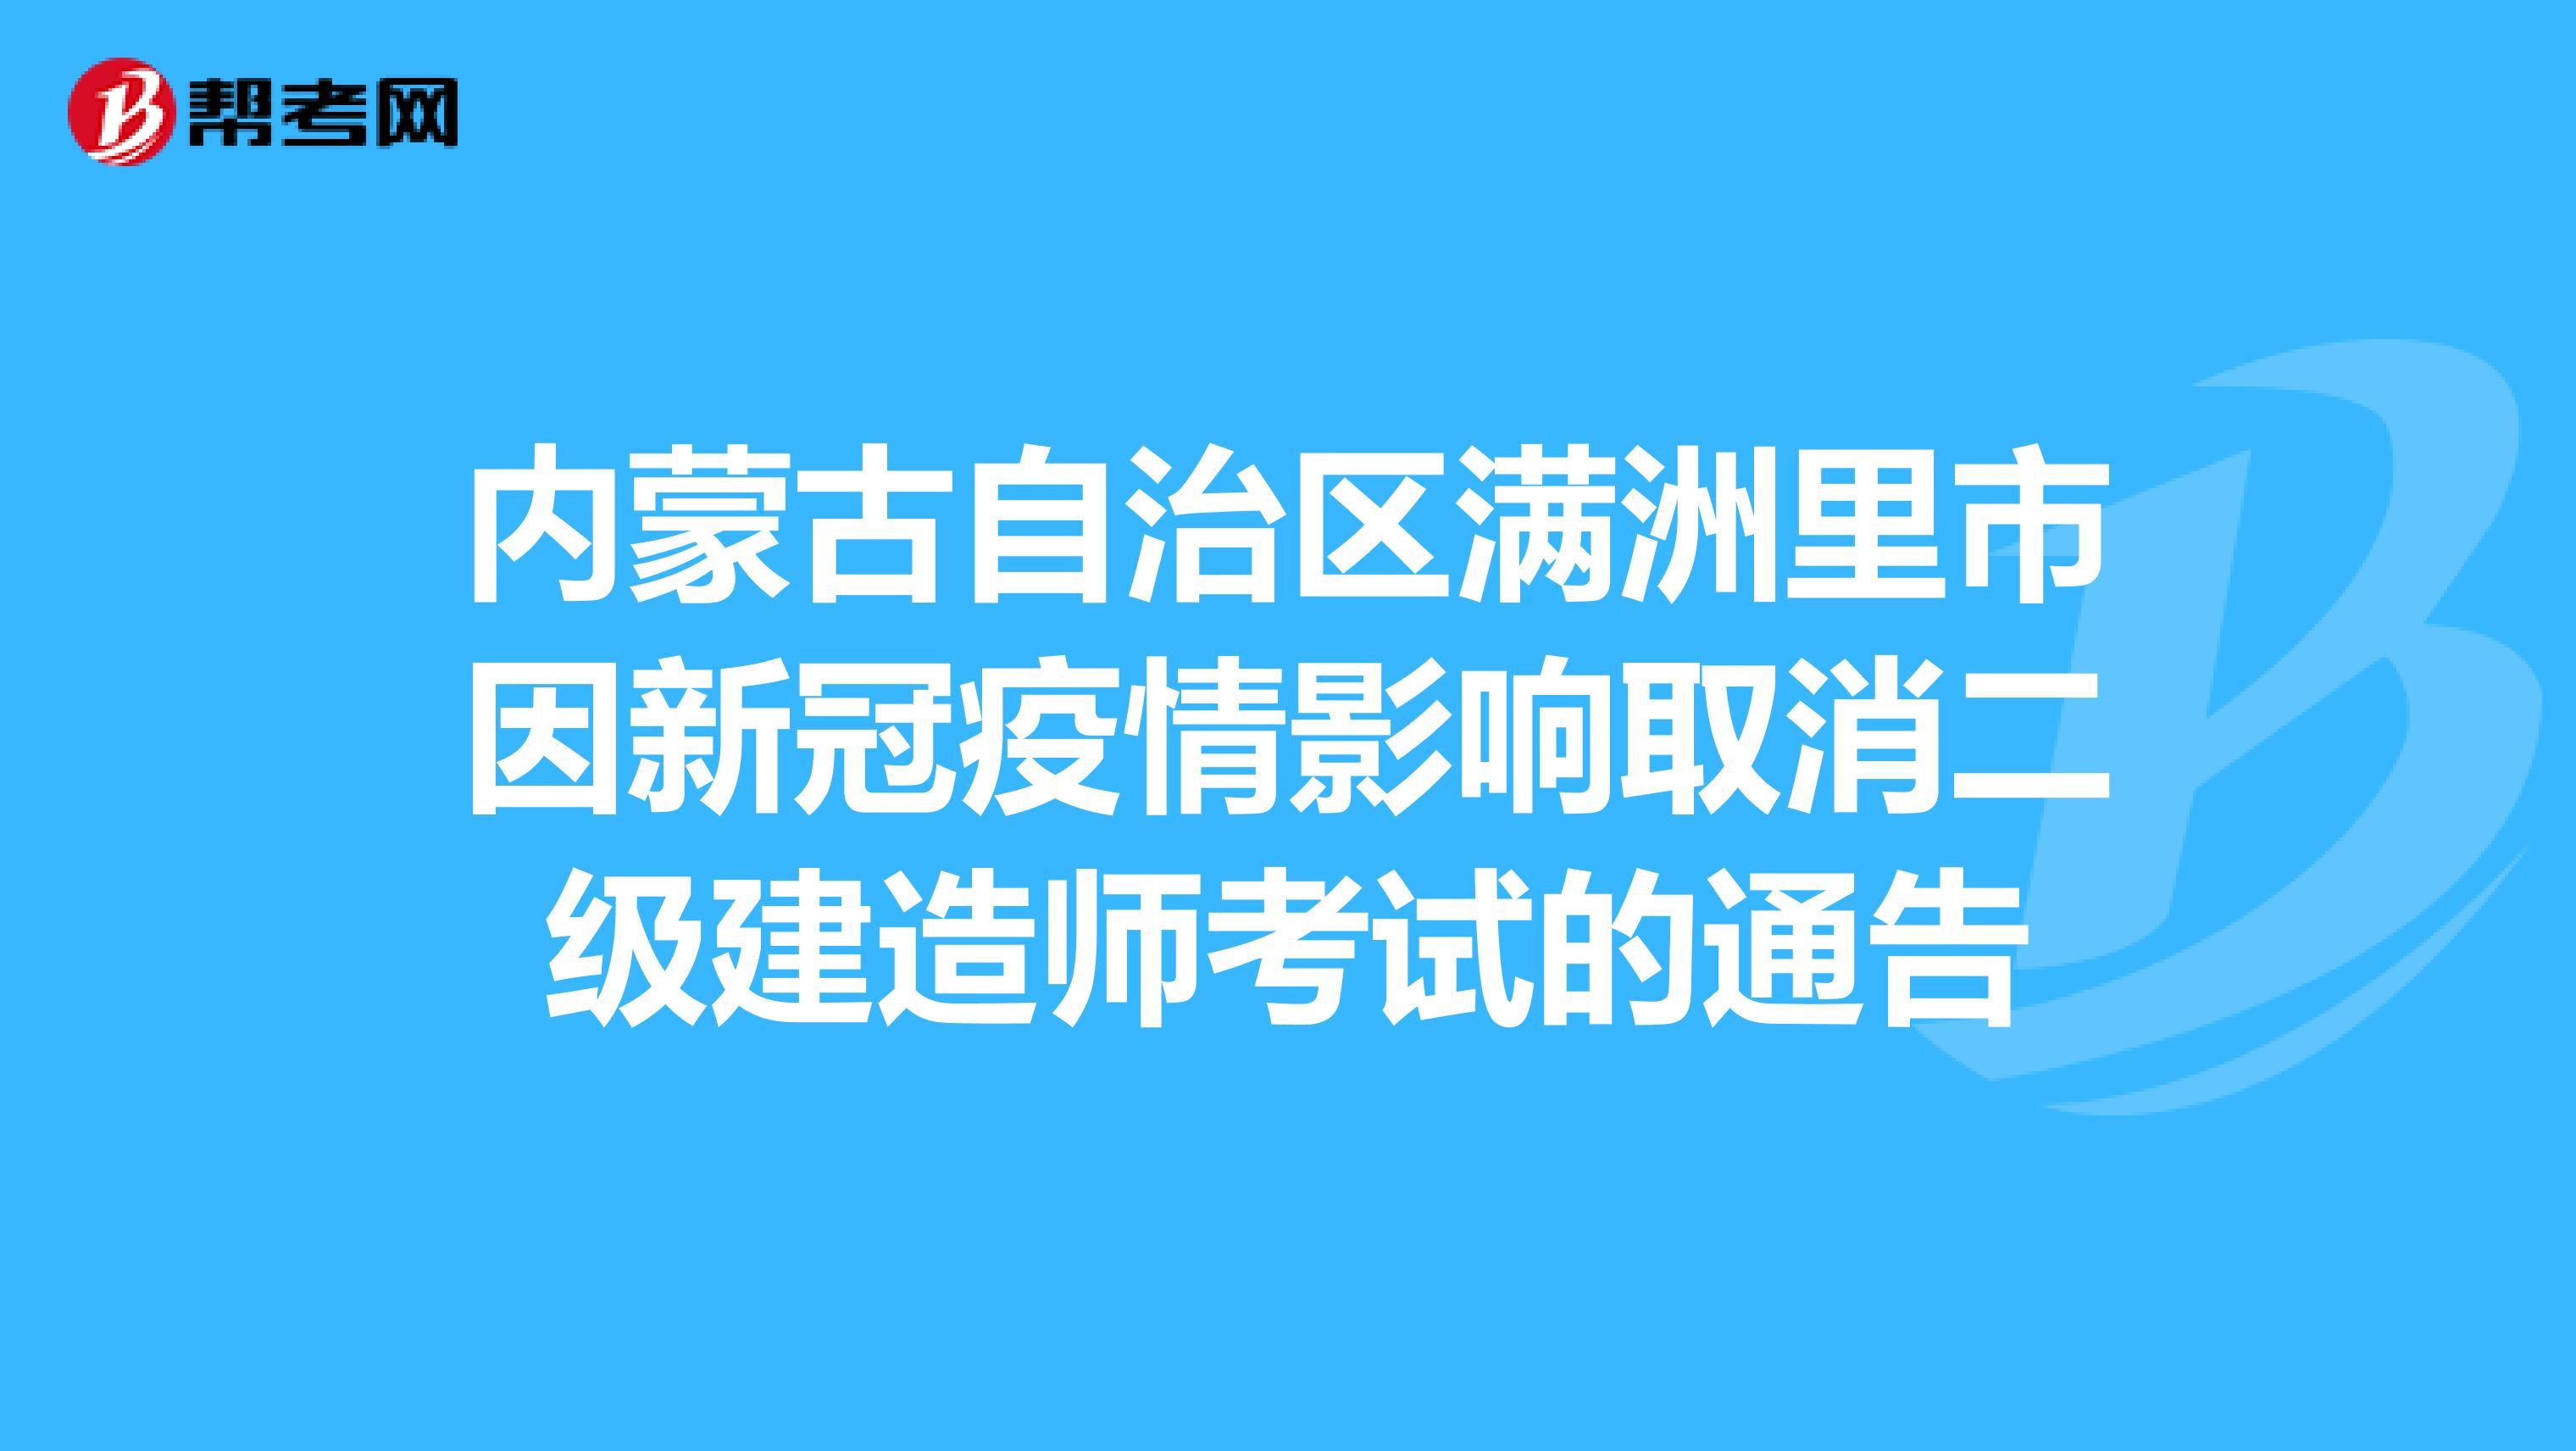 內蒙古自治區滿洲里市因新冠疫情影響取消二級建造師考試的通告